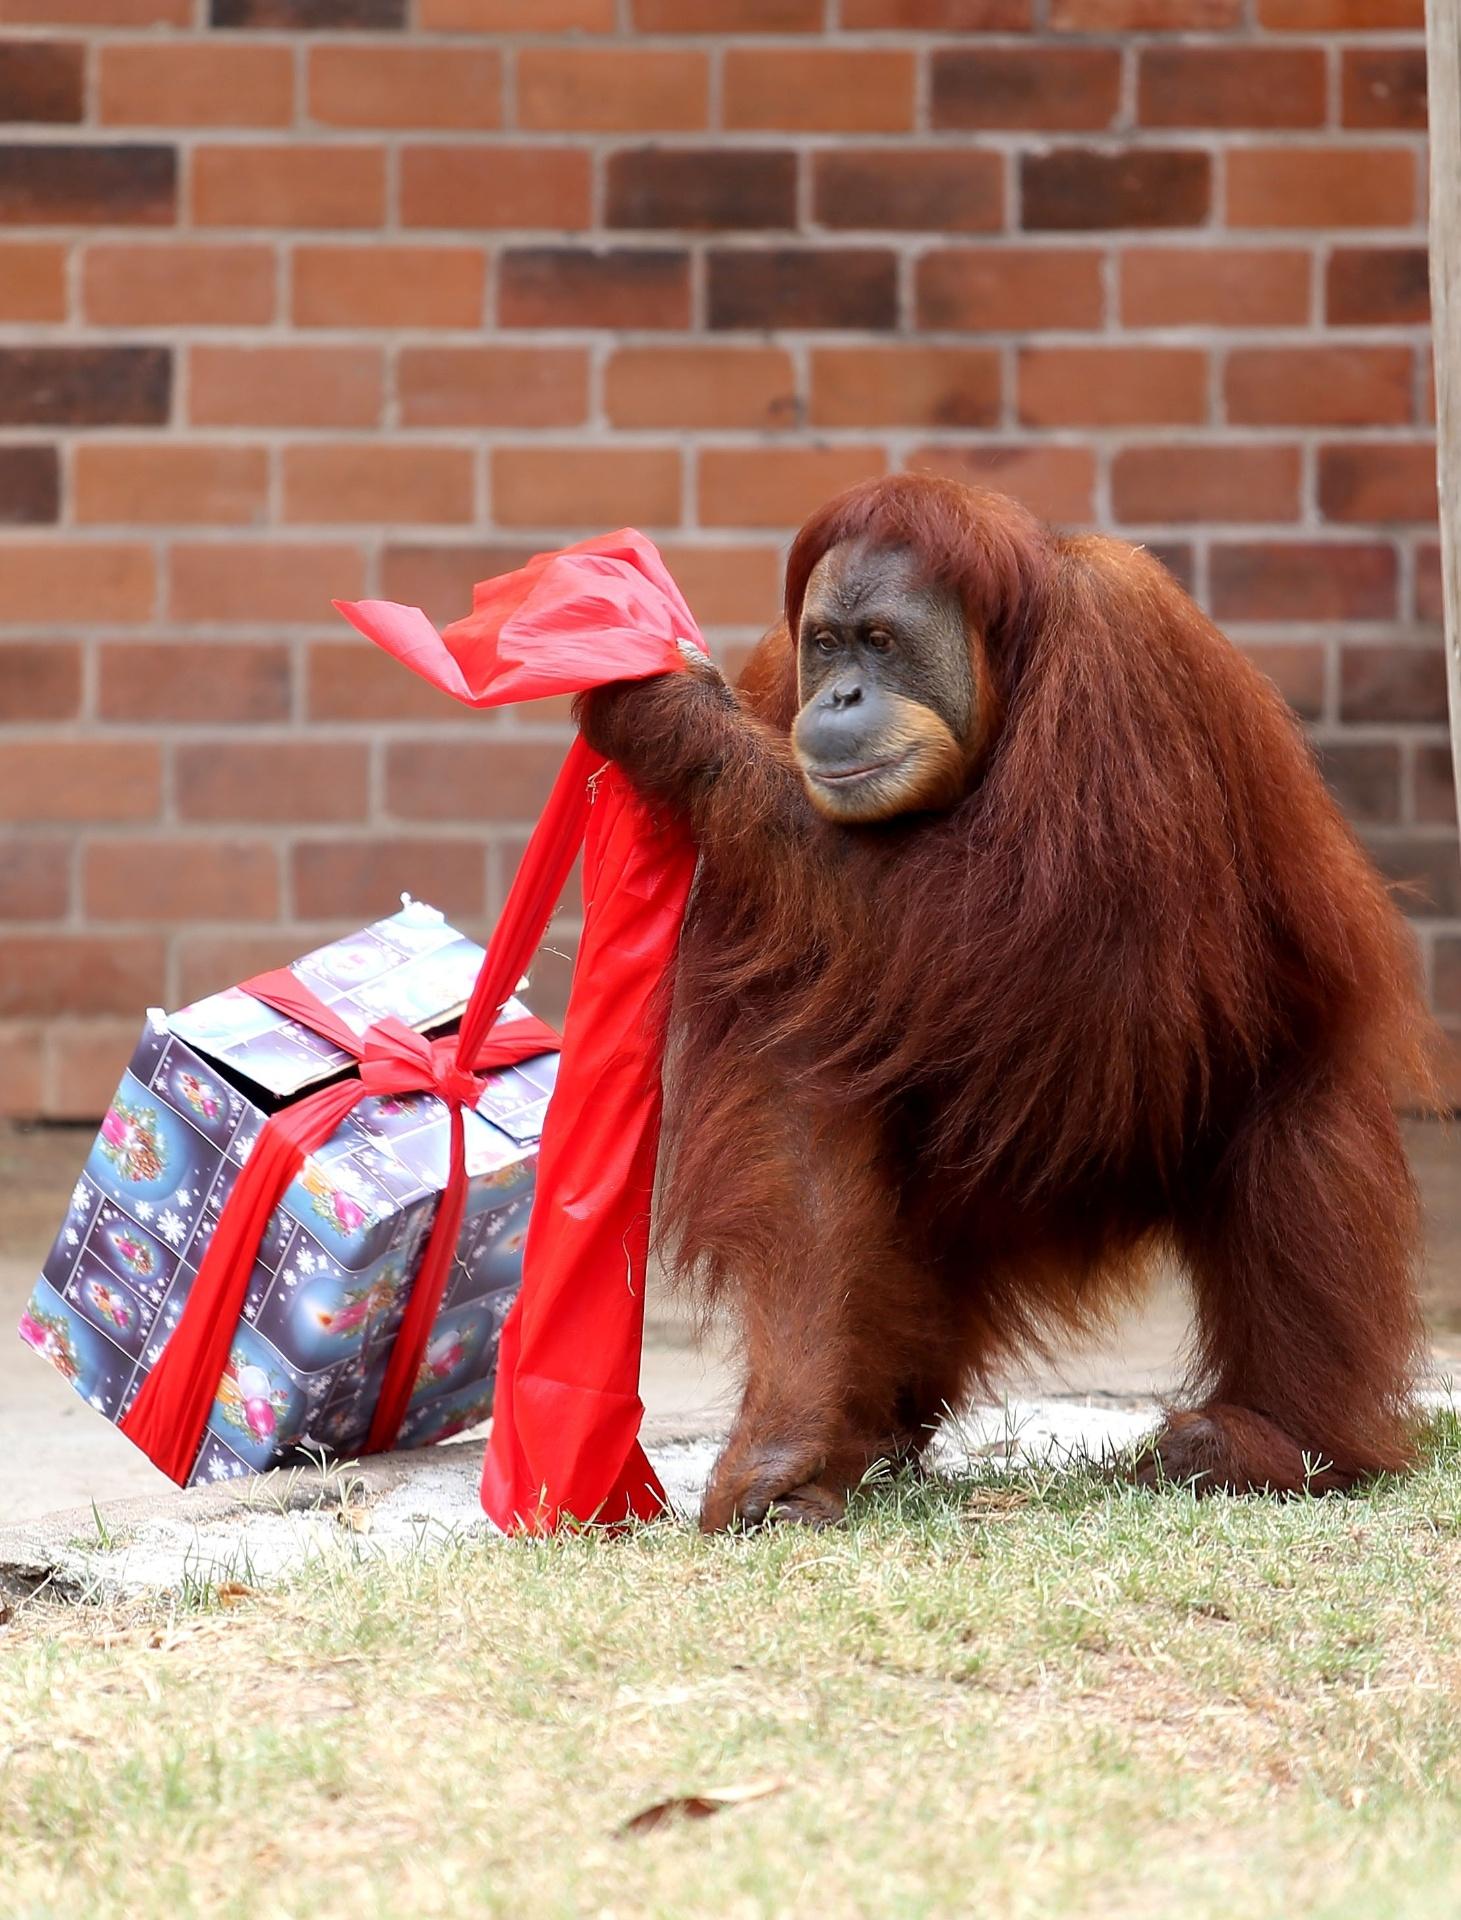 23.dez.2014 - Orangotango do Zoológico da Quinta da Boa Vista, na zona norte do Rio de janeiro, recebe presente de Natal. Outros animais do local também receberam lembrancinhas e frutas